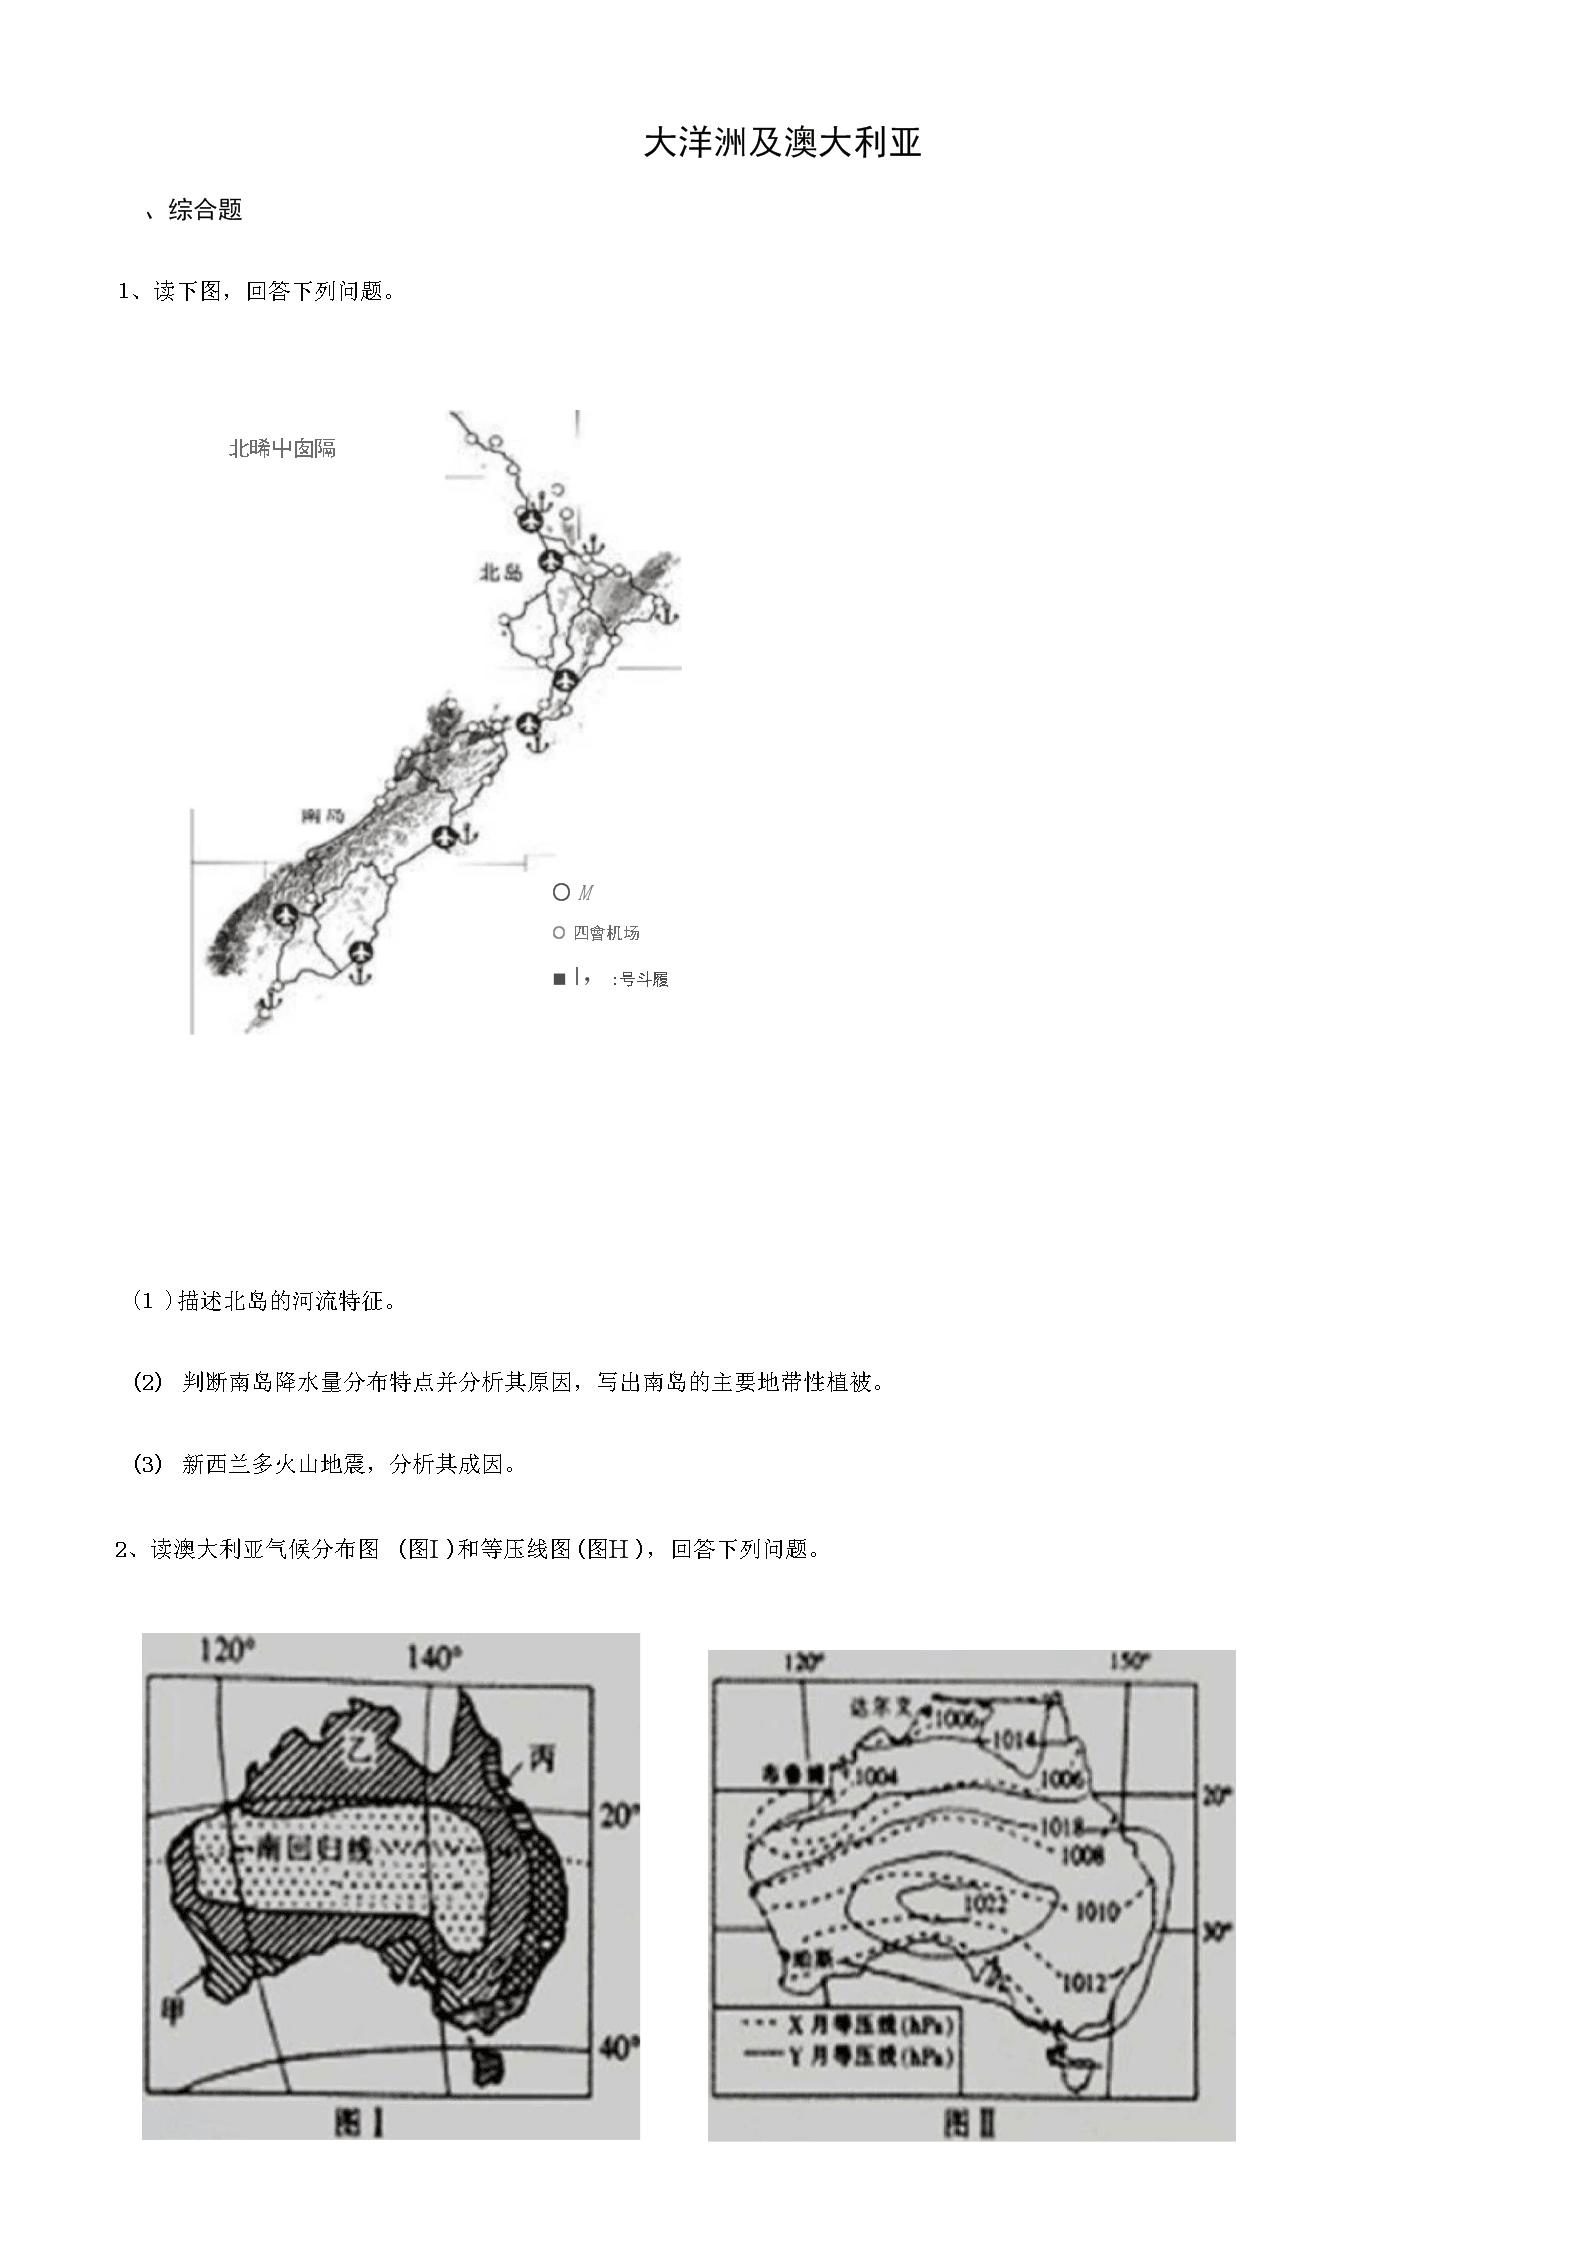 大洋洲及澳大利亚汇总.docx